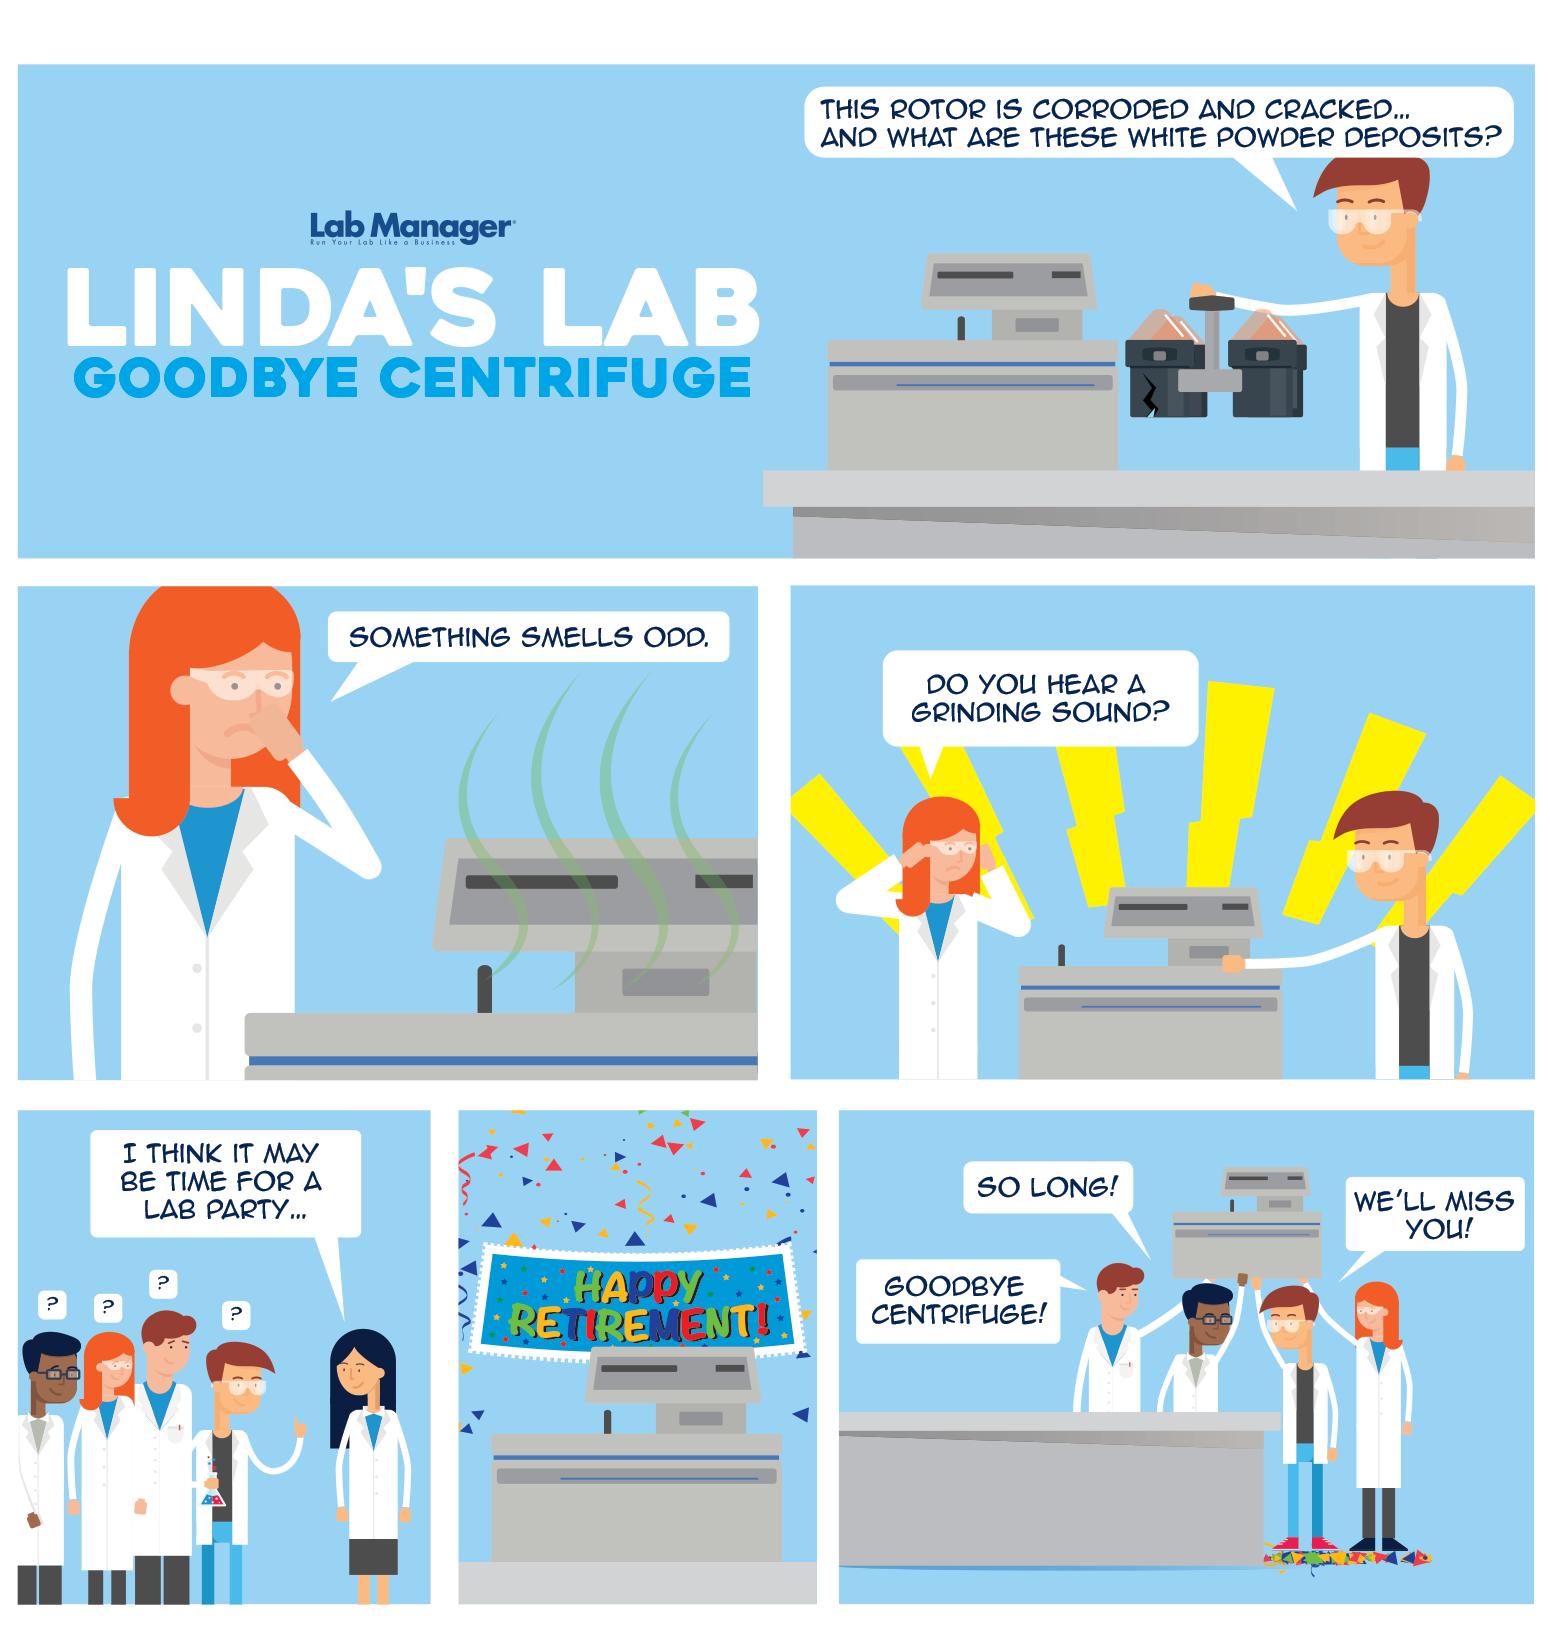 Linda's Lab - Goodbye Centrifuge